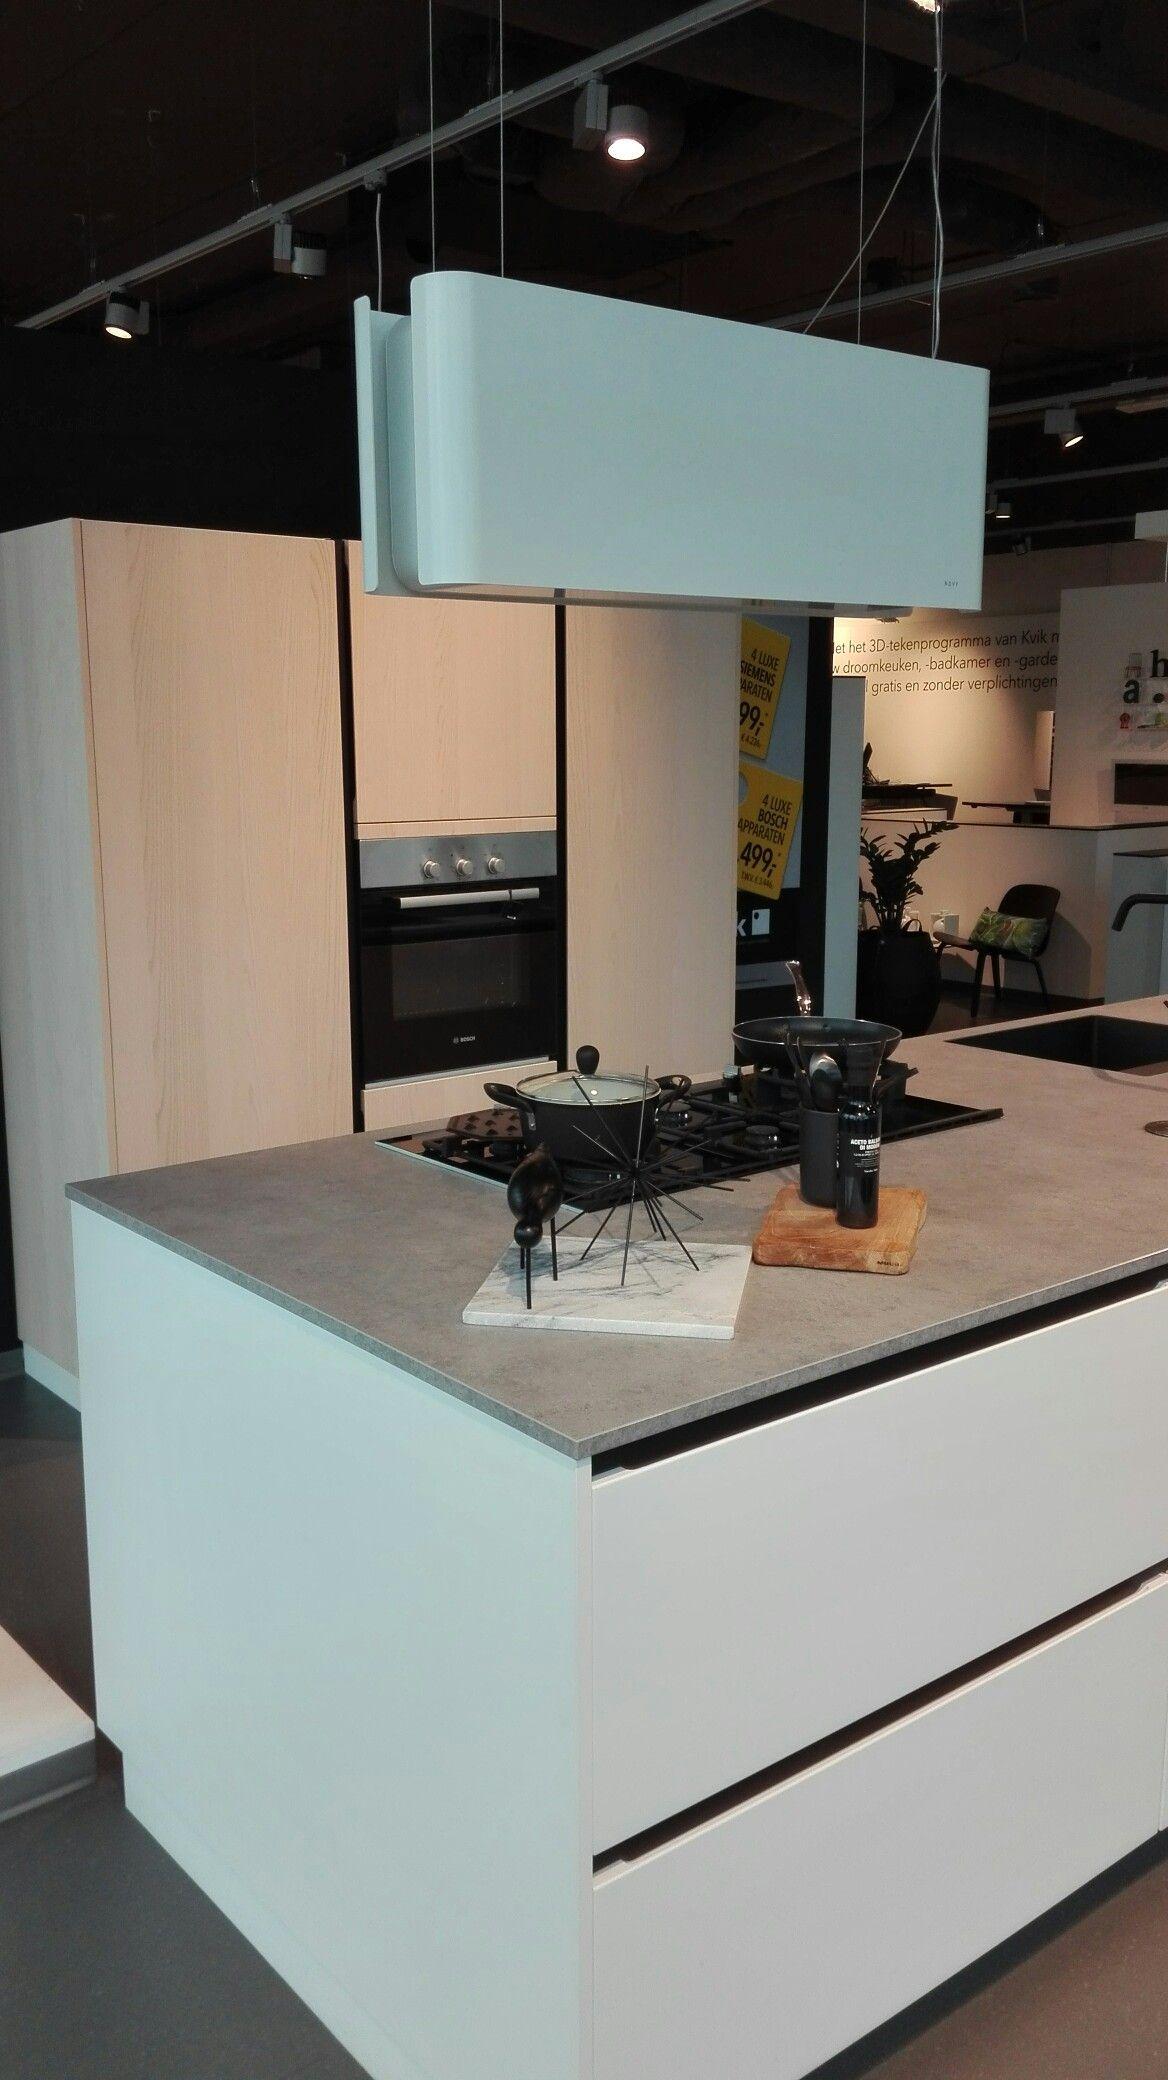 Ziemlich Kostenlose 3d Küche Design Tools Fotos - Ideen Für Die ...